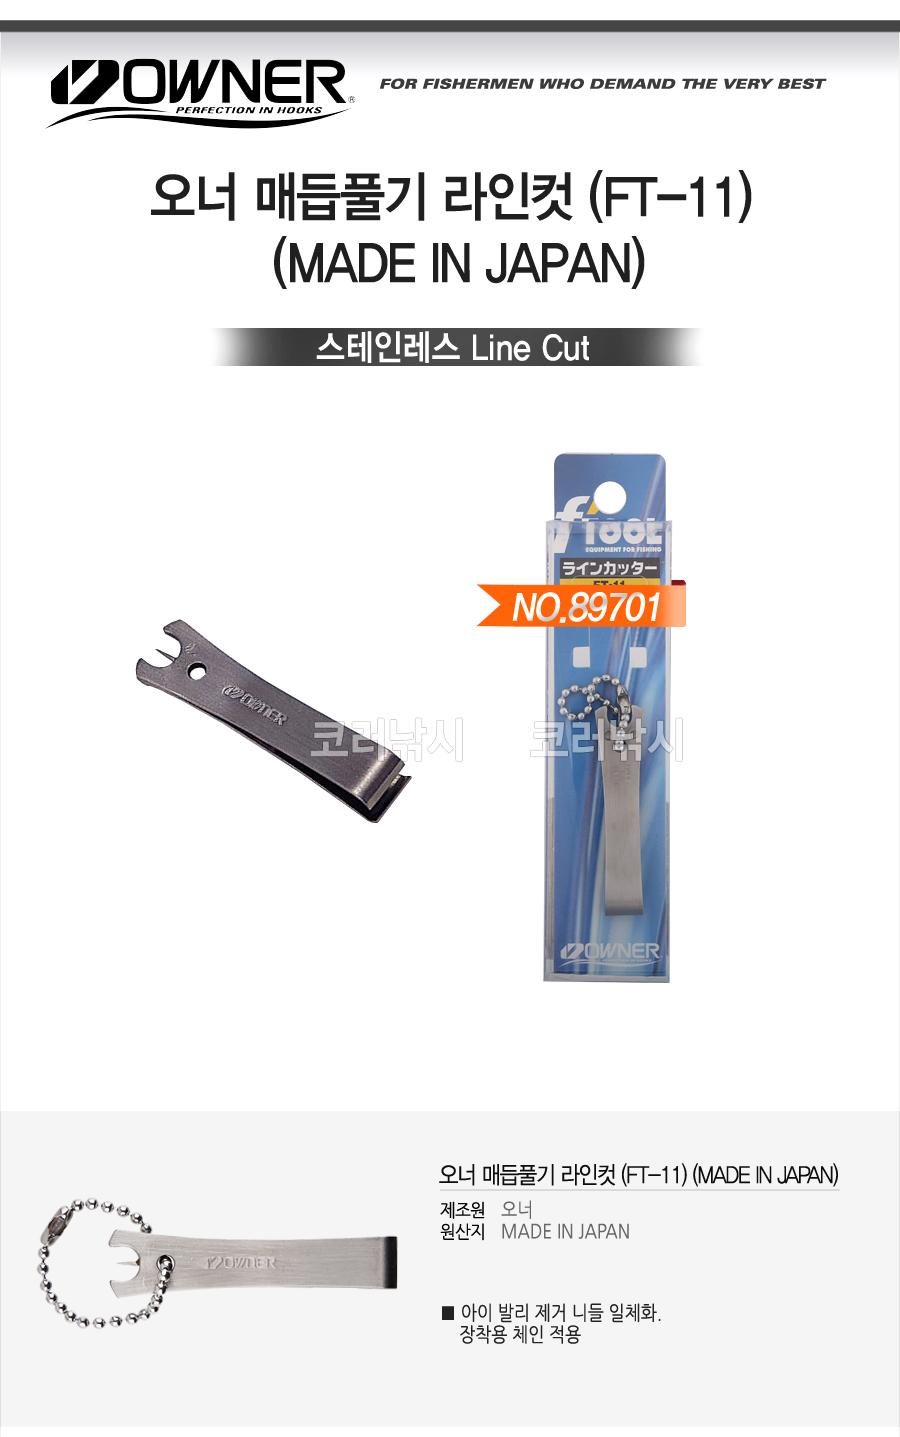 오너 매듭풀기 라인컷 (FT-11) (MADE IN JAPAN) 일자형라인커터 일자핀형라인커터